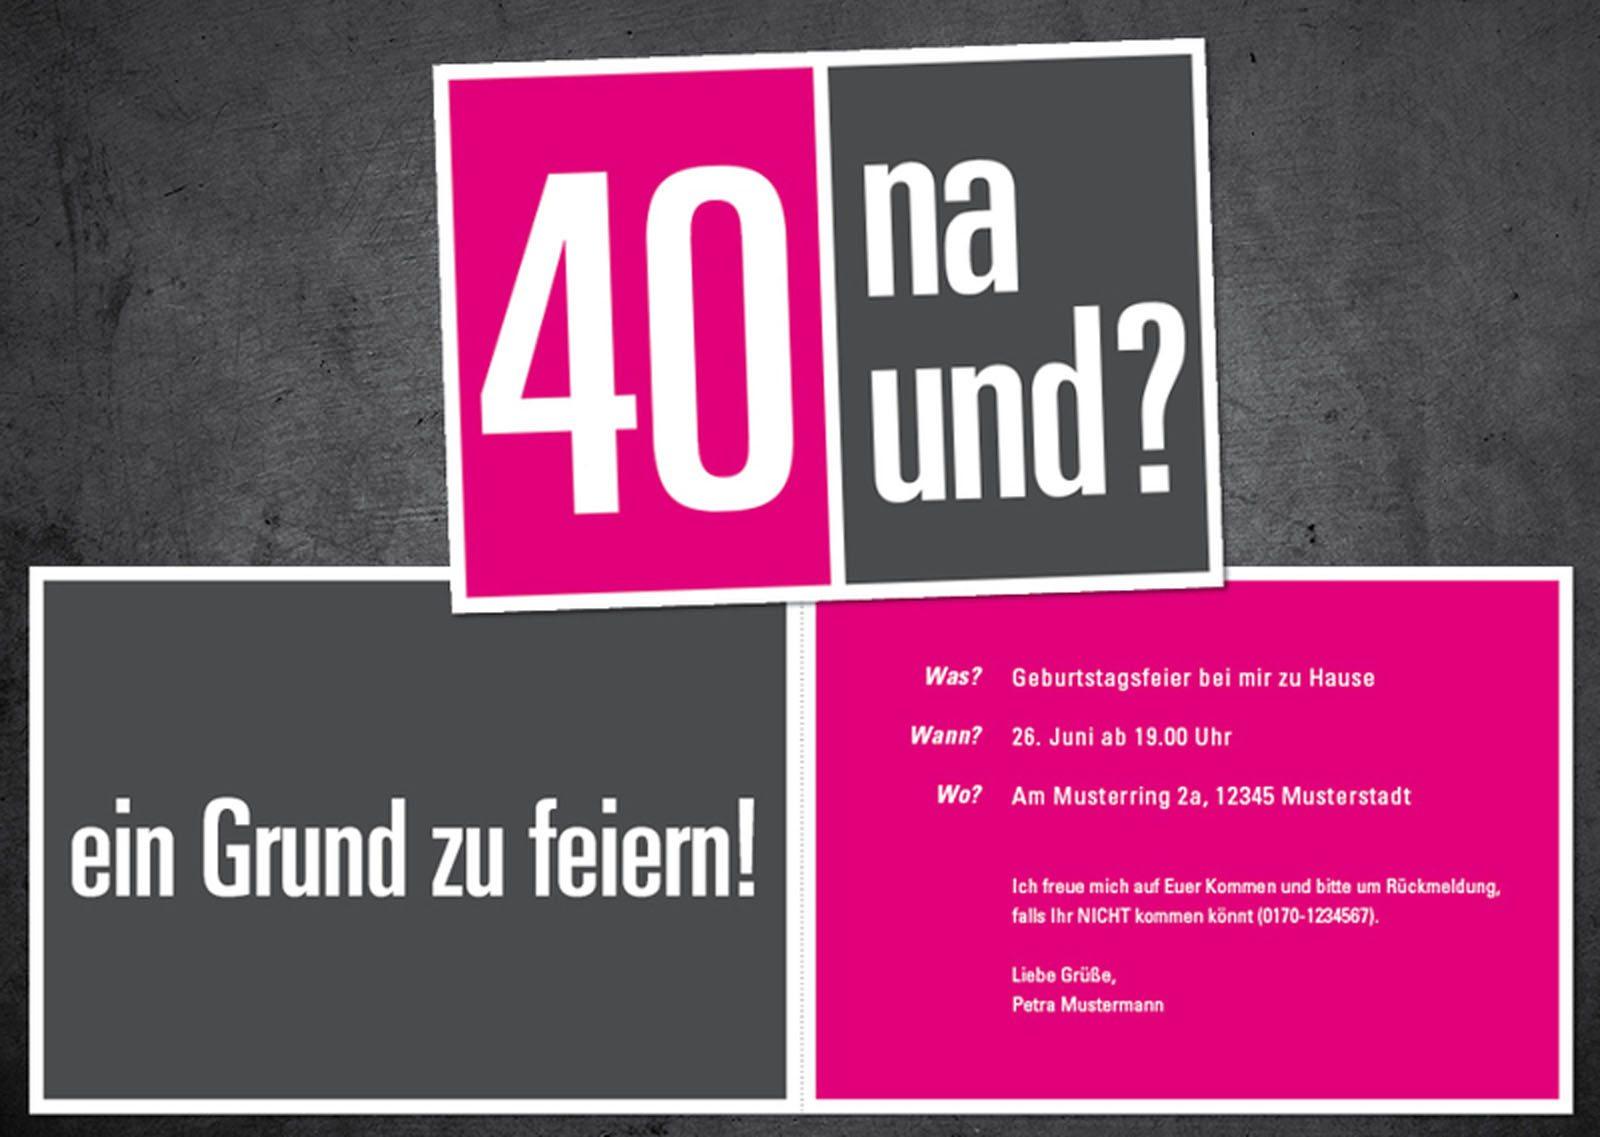 einladung zum 40 geburtstag : einladung zum 40. geburtstag mann, Einladung